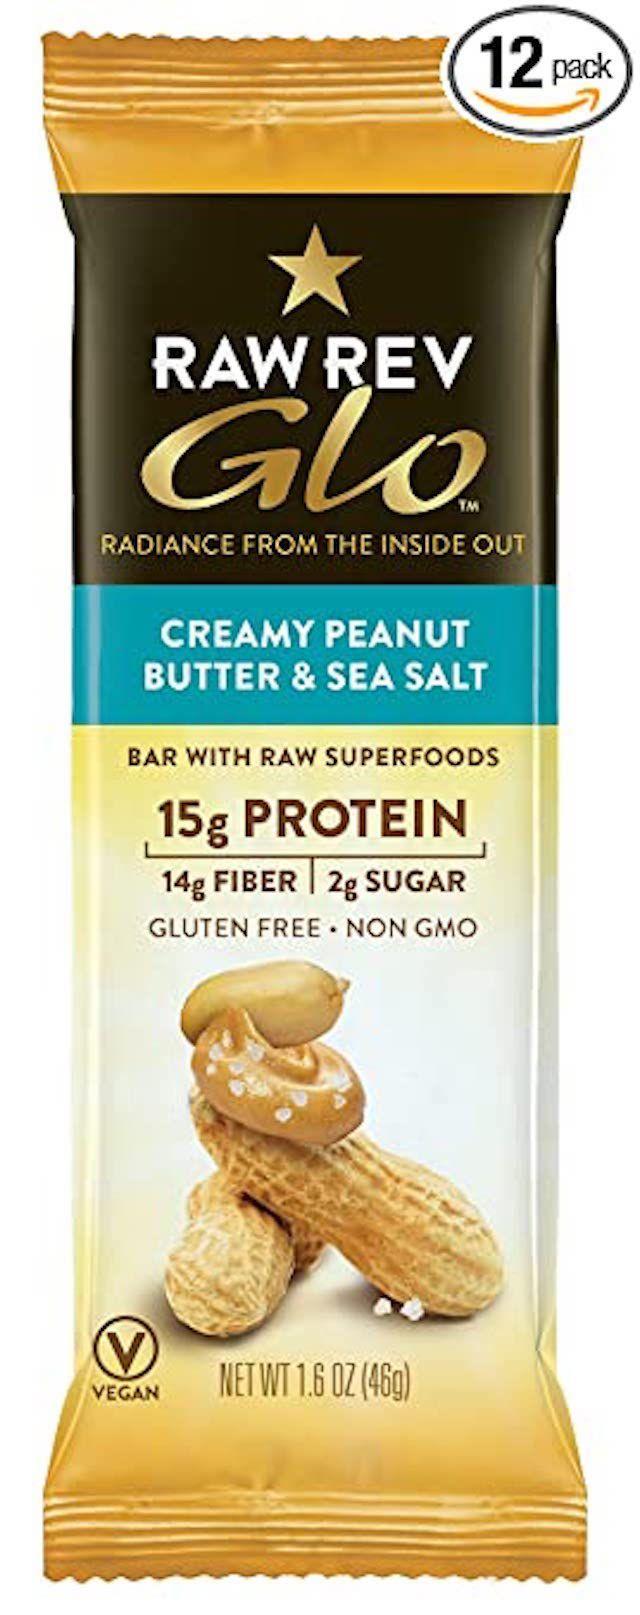 Raw Rev Glo Protein Bars Creamy Peanut Butter & Sea